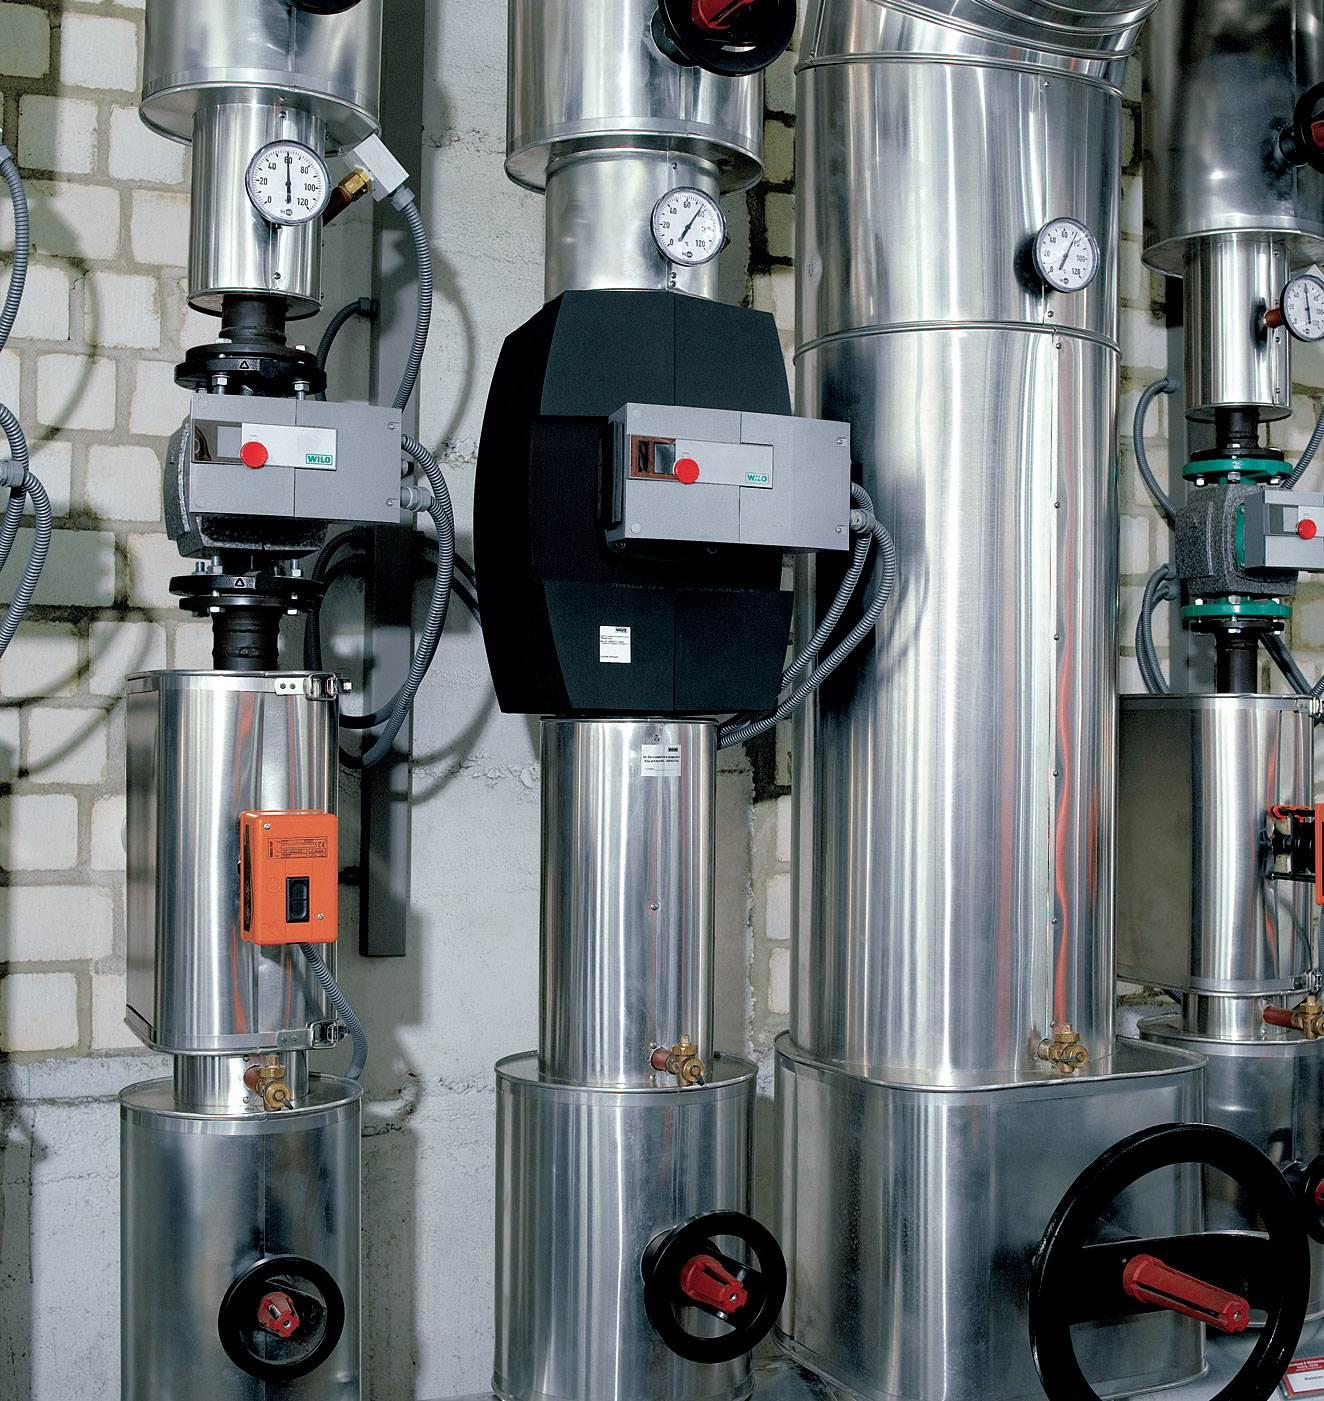 Fot. 5. Zapotrzebowanie na energię elektryczną pomp obiegowych ze sterowaniem elektronicznym jest o 2–5 razy mniejsze w porównaniu z tradycyjnymi pompami. Fot. Wilo